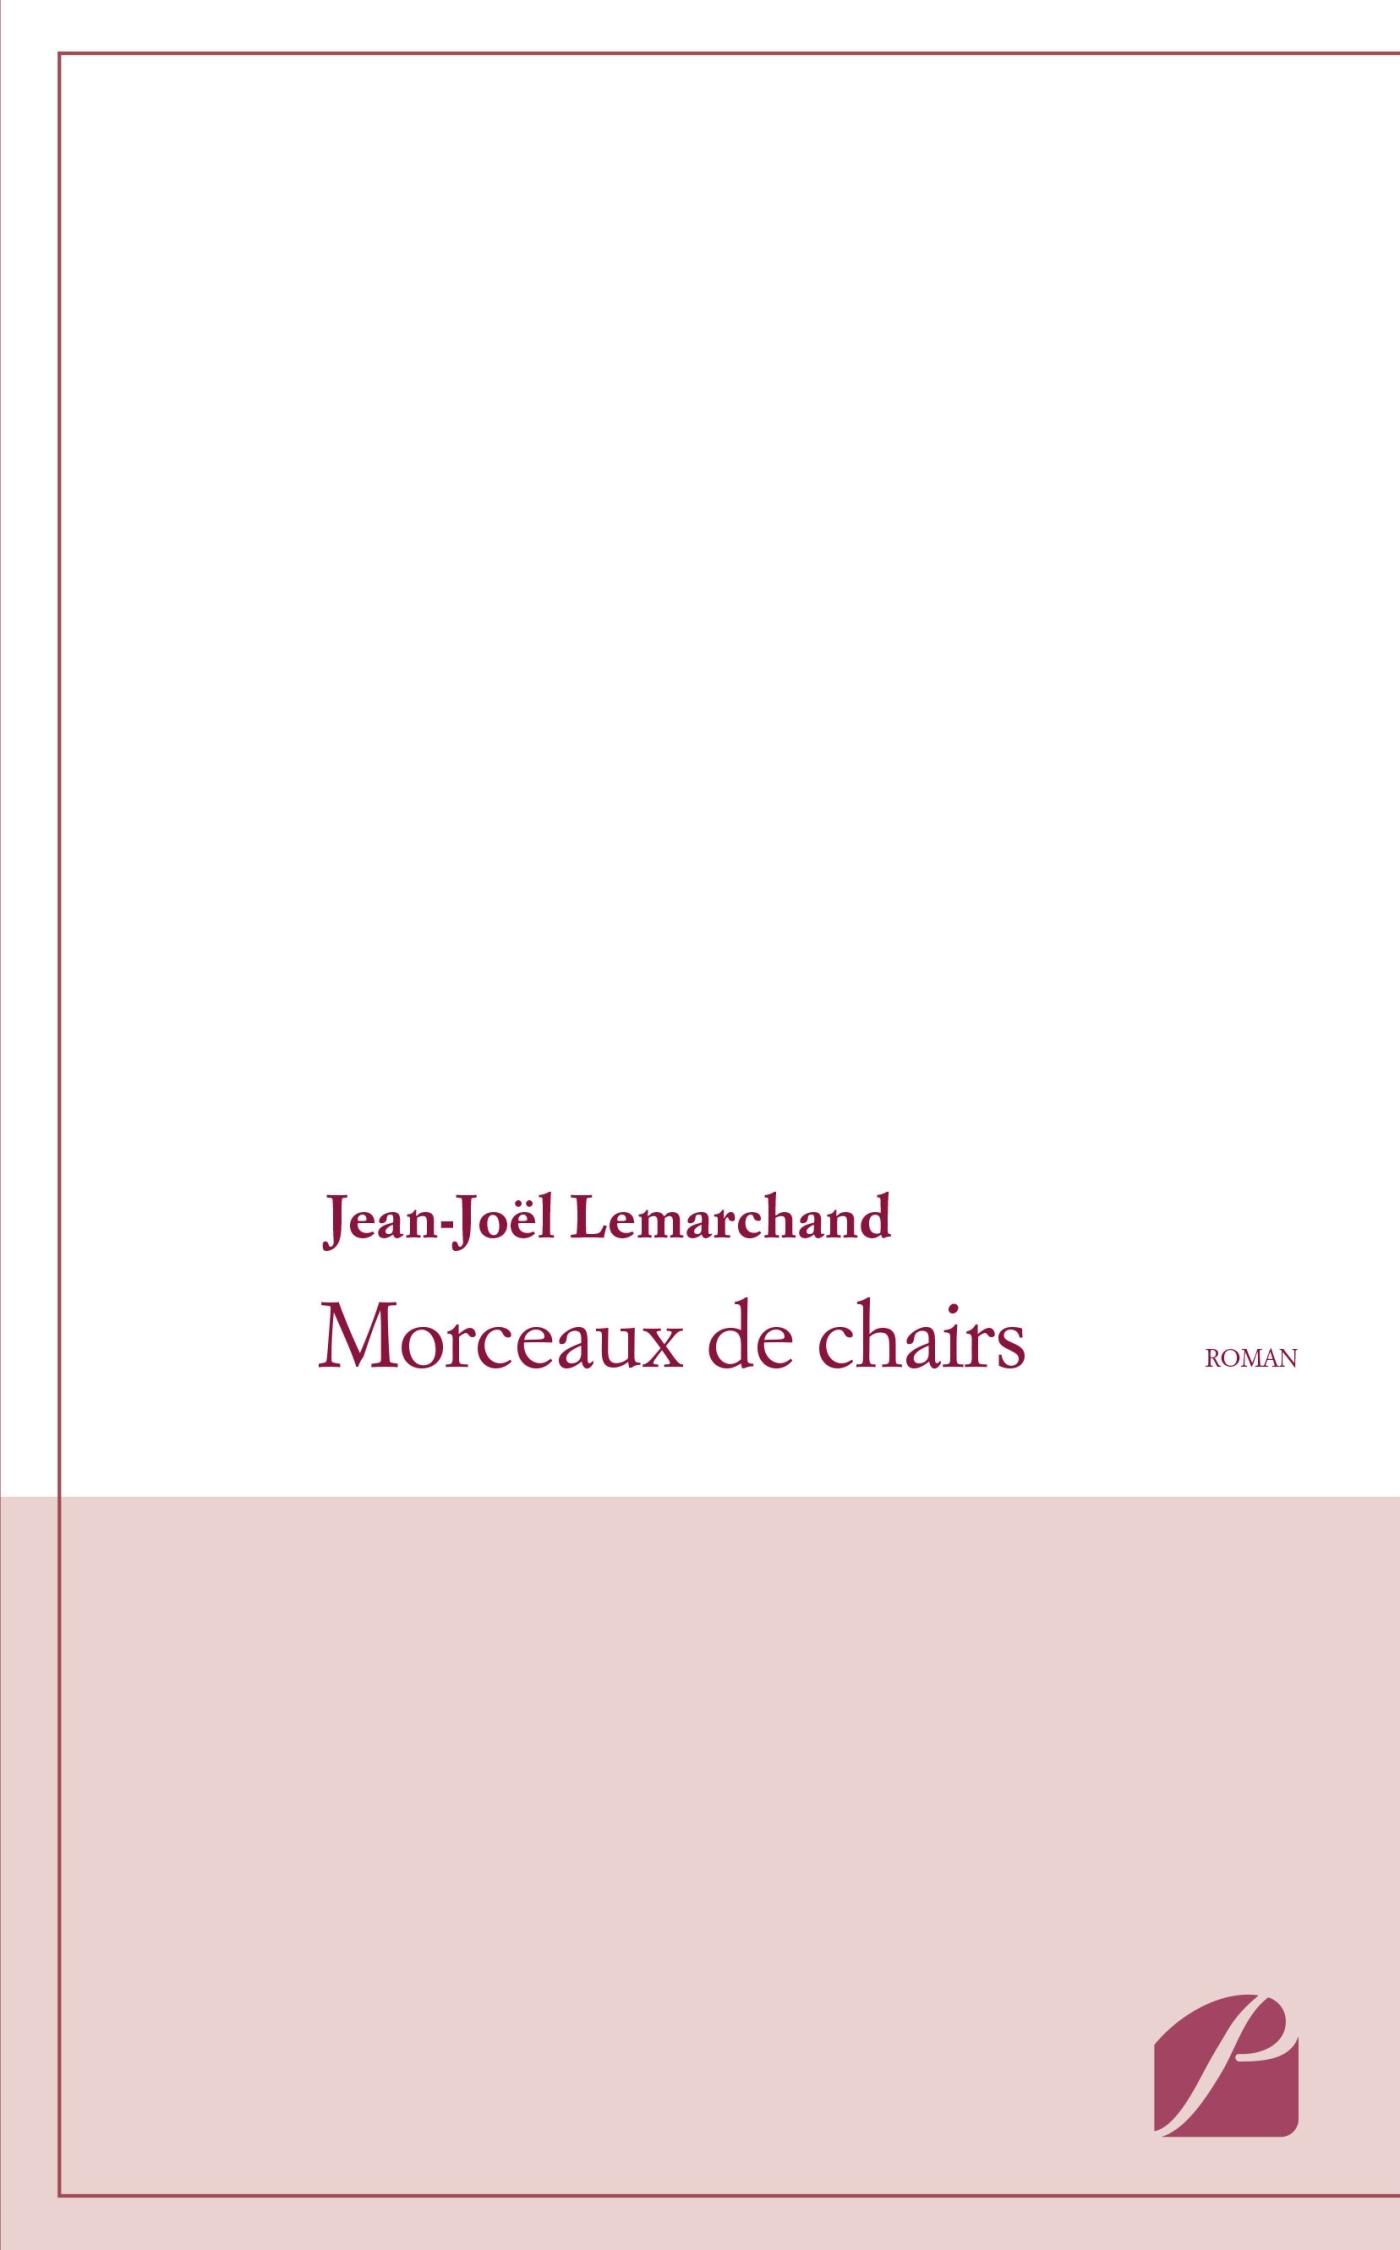 MORCEAUX DE CHAIRS